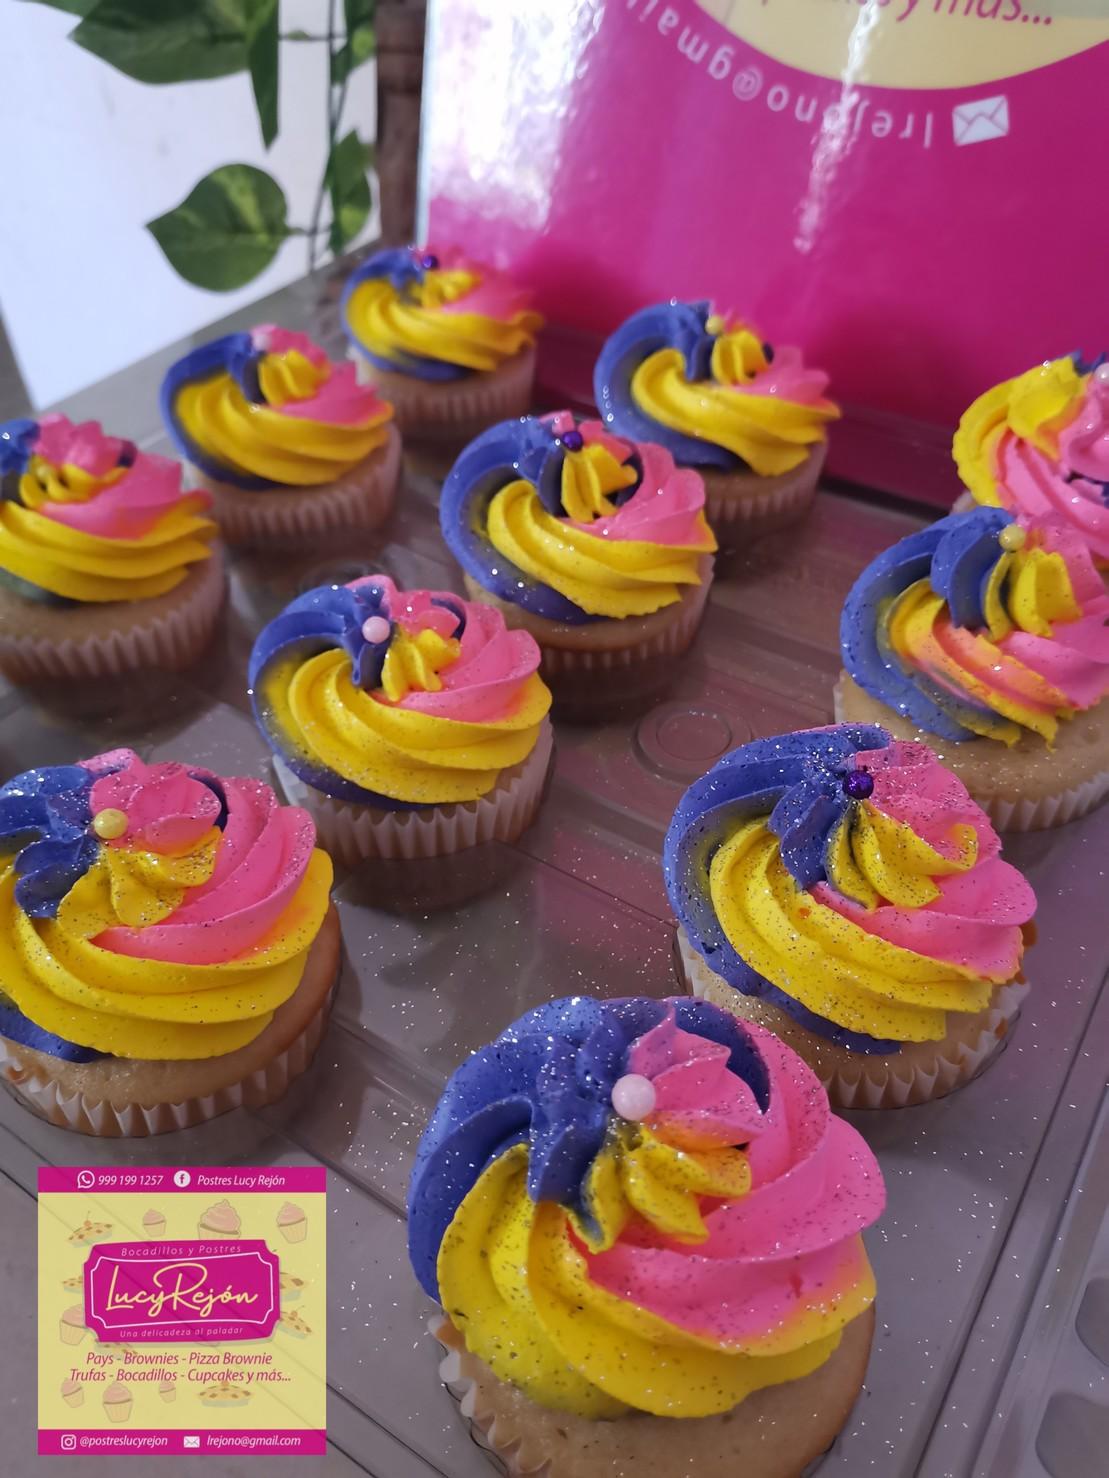 Cupcakes de vainilla o chocolate con crema batida en 3 colores amarillo, rosado y morado con sprinkles y diamantina comestible